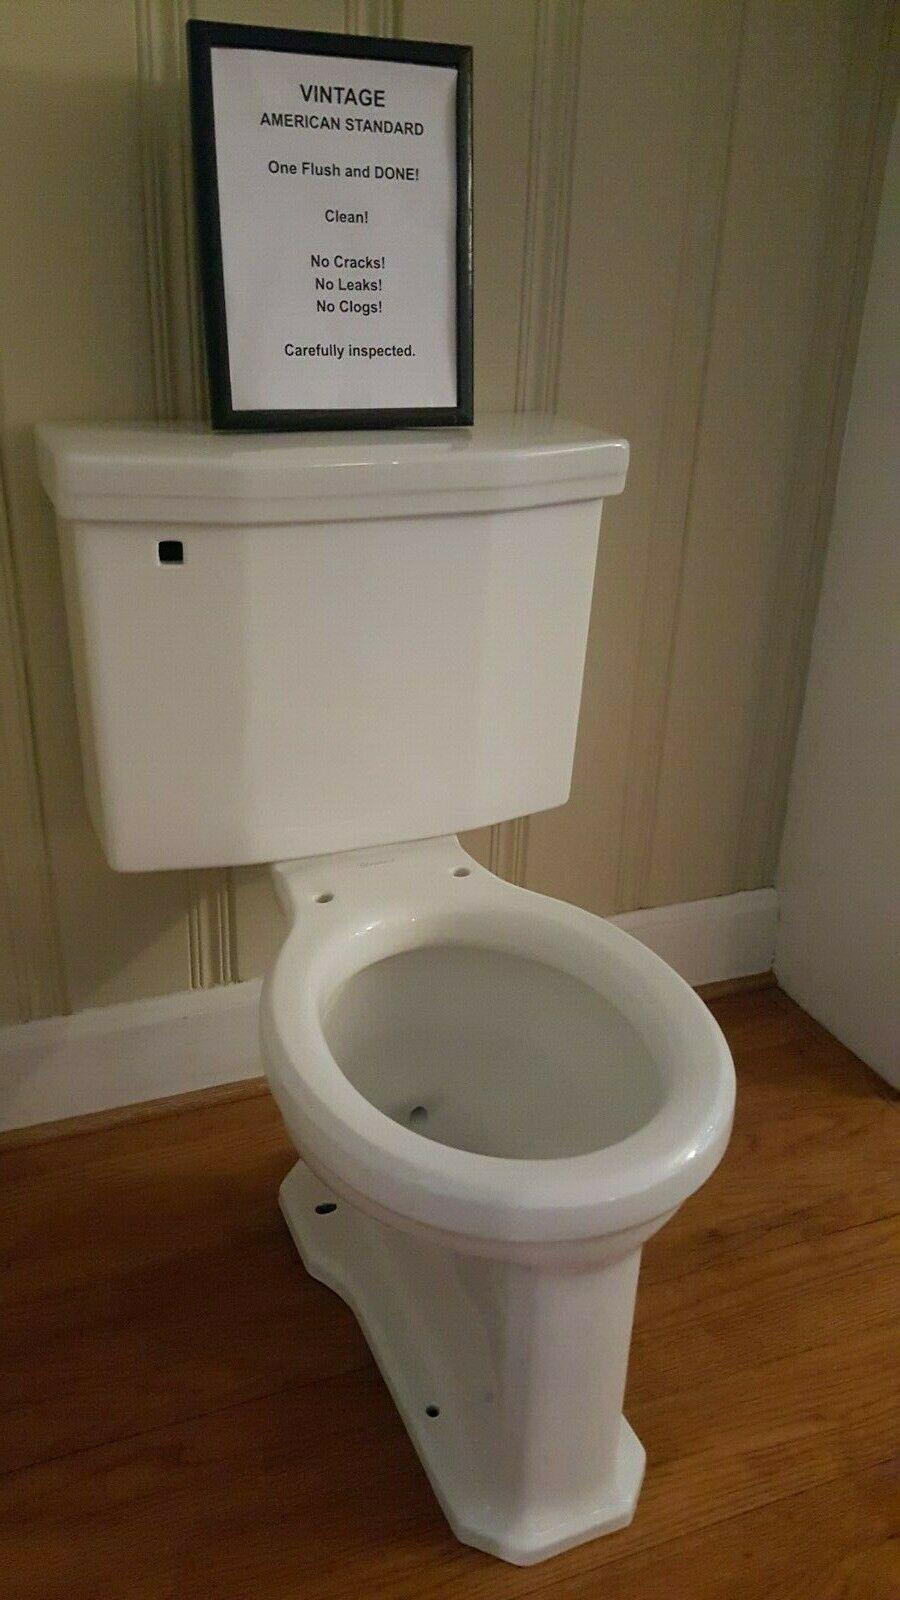 Https Ift Tt 2kvzmrk Toilets Ideas Of Toilets Toilets Vintage 1950s One Flush Compton Round Bowl American Stan Toilet Toto Toilet Home Depot Toilets